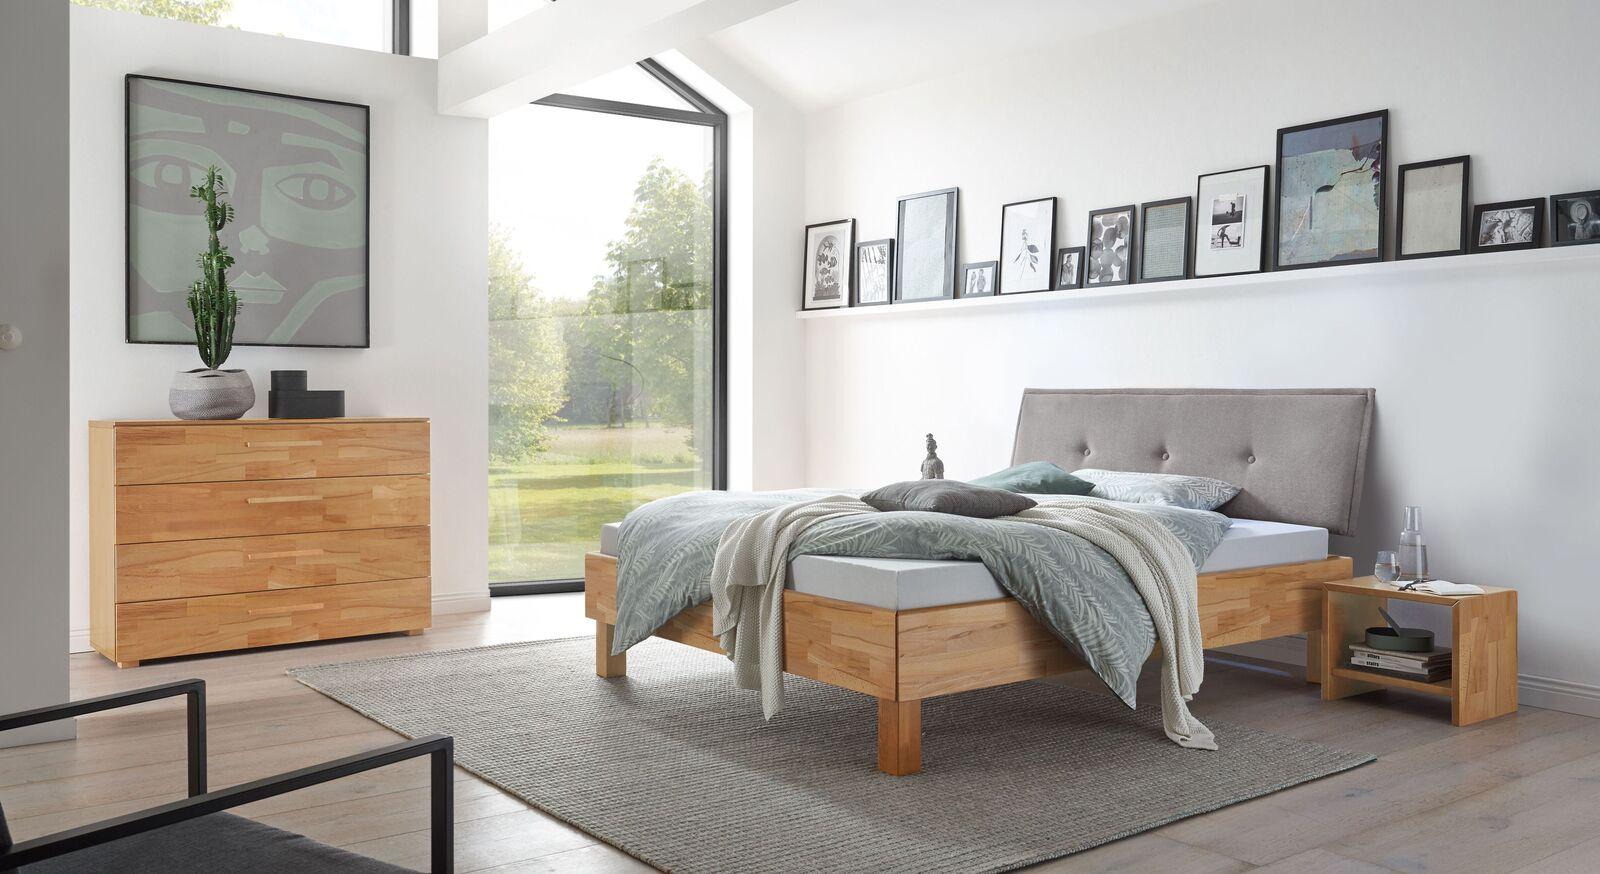 Bett Fenzlo mit passender Schlafzimmerausstattung